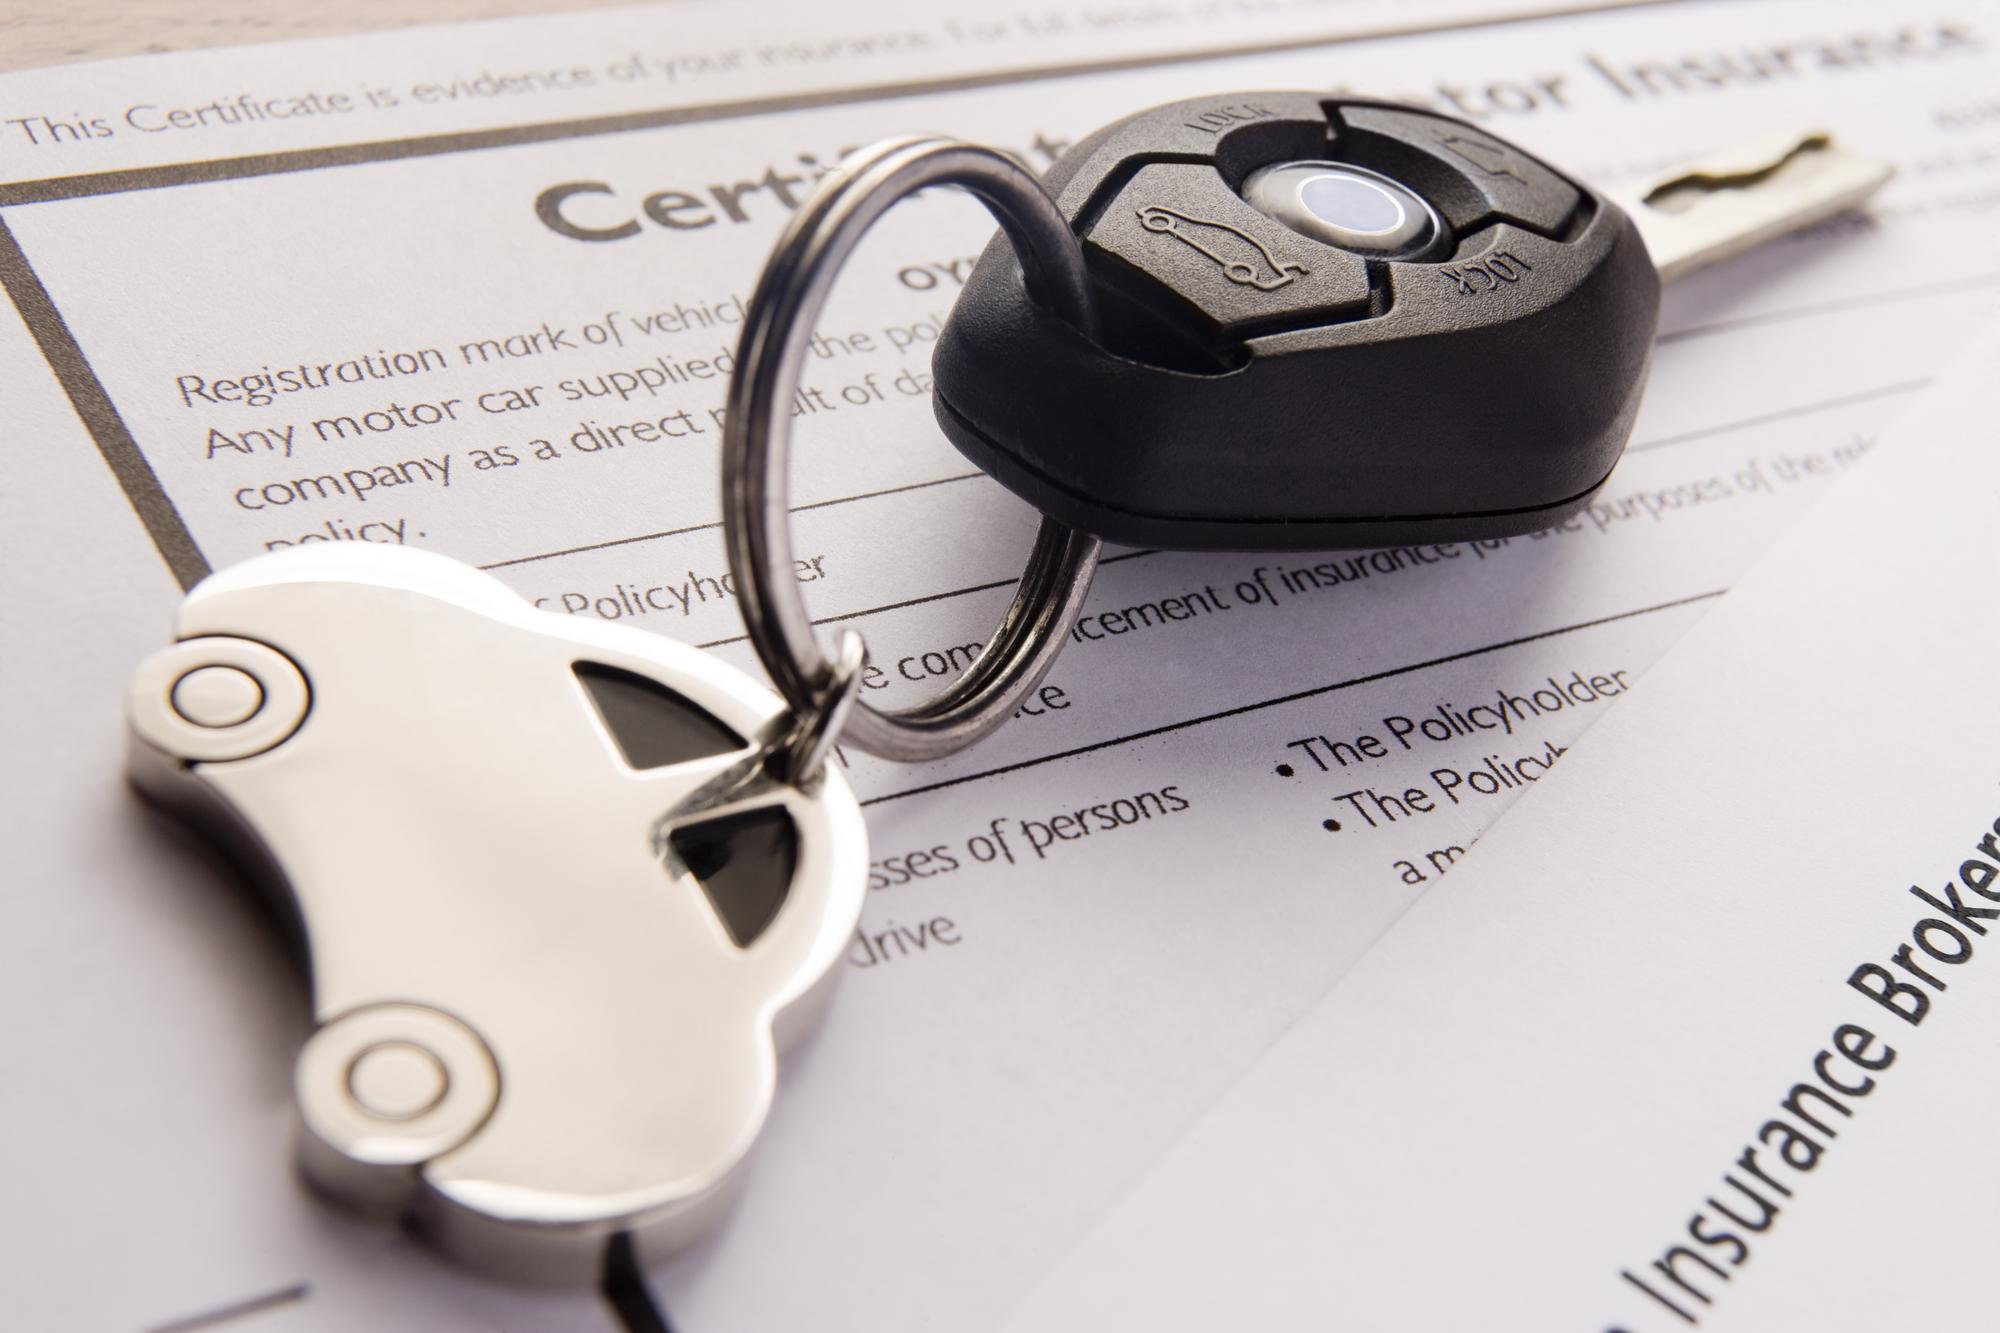 Le nuove scadenze dell'assicurazione dell'auto e le altre proroghe in tempi di Covid-19